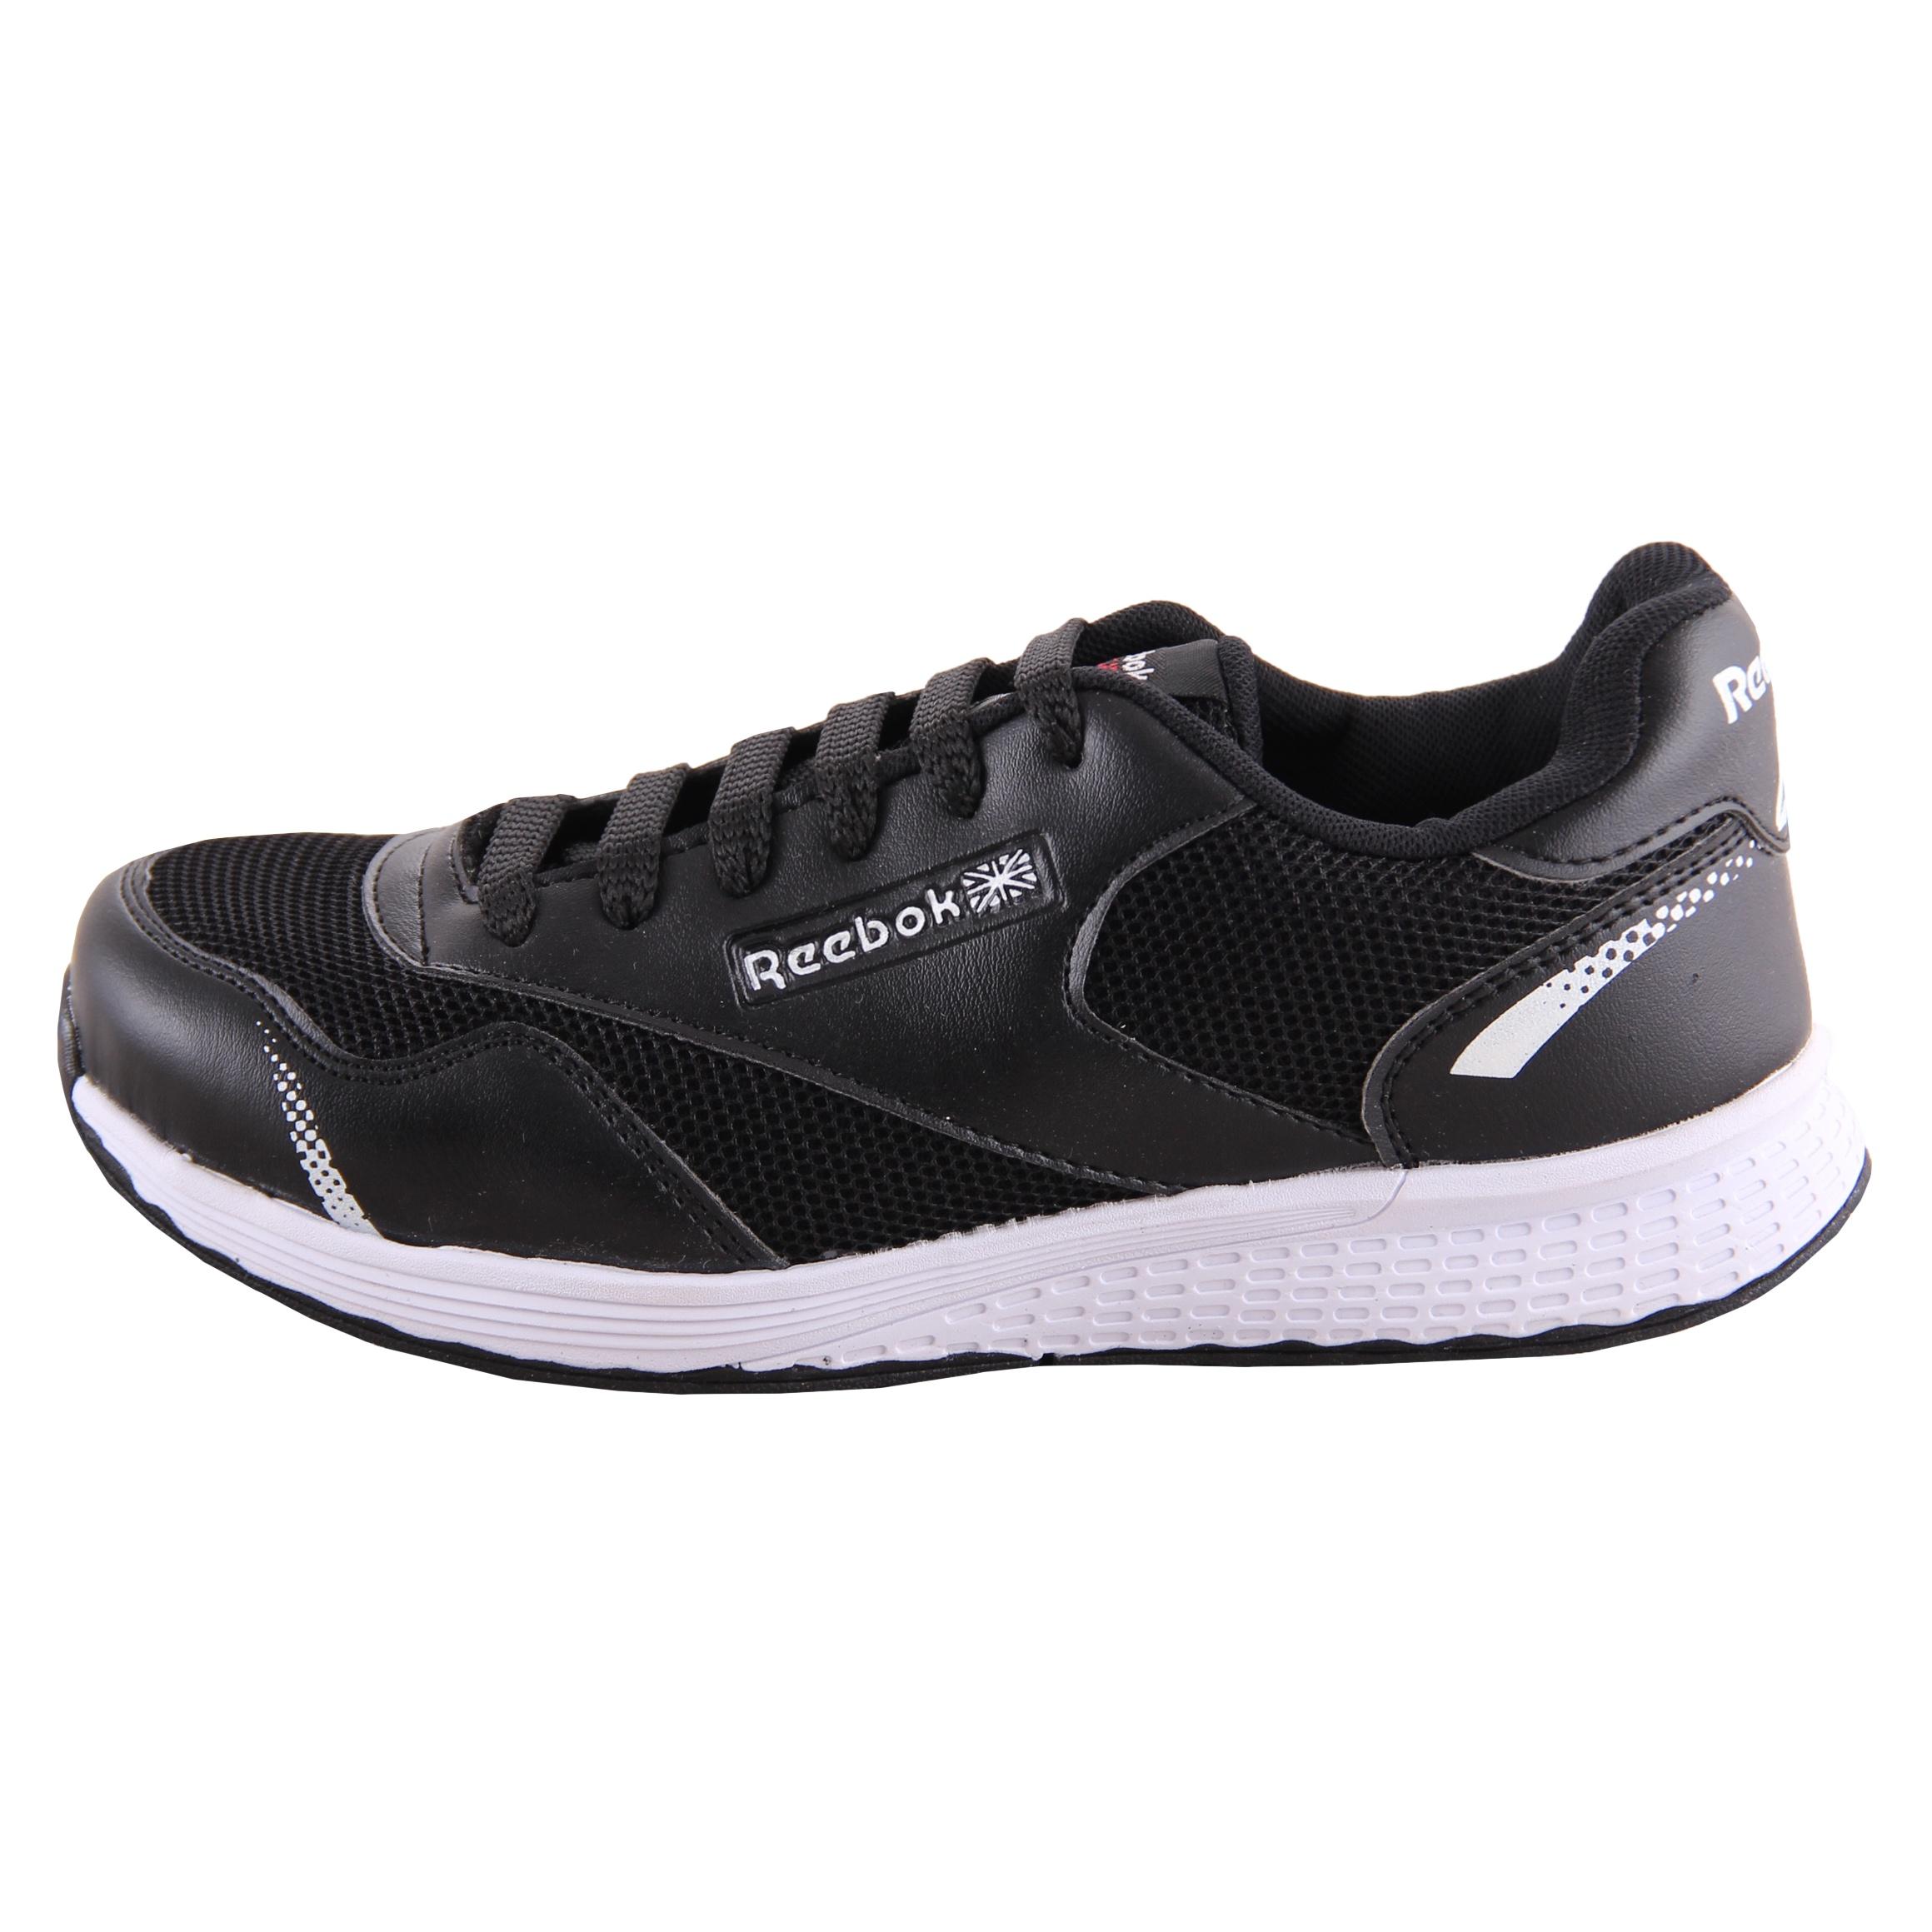 کفش مخصوص پیاده روی زنانه کد 1-2397170